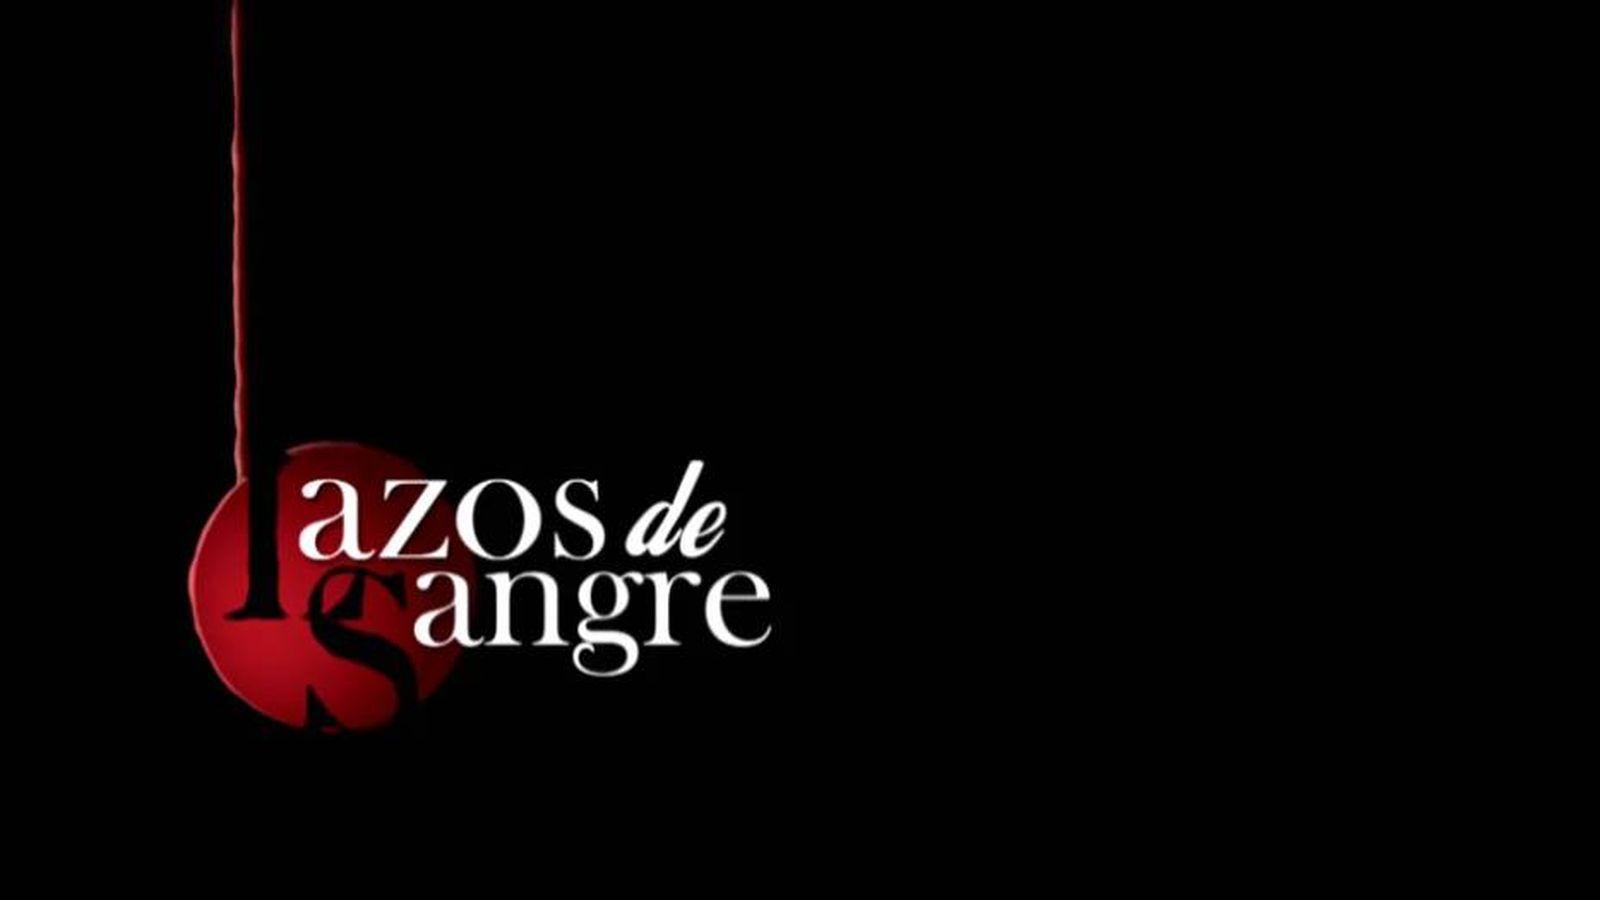 Foto: 'Lazos de sangre', el programa revelación del verano. (TVE)